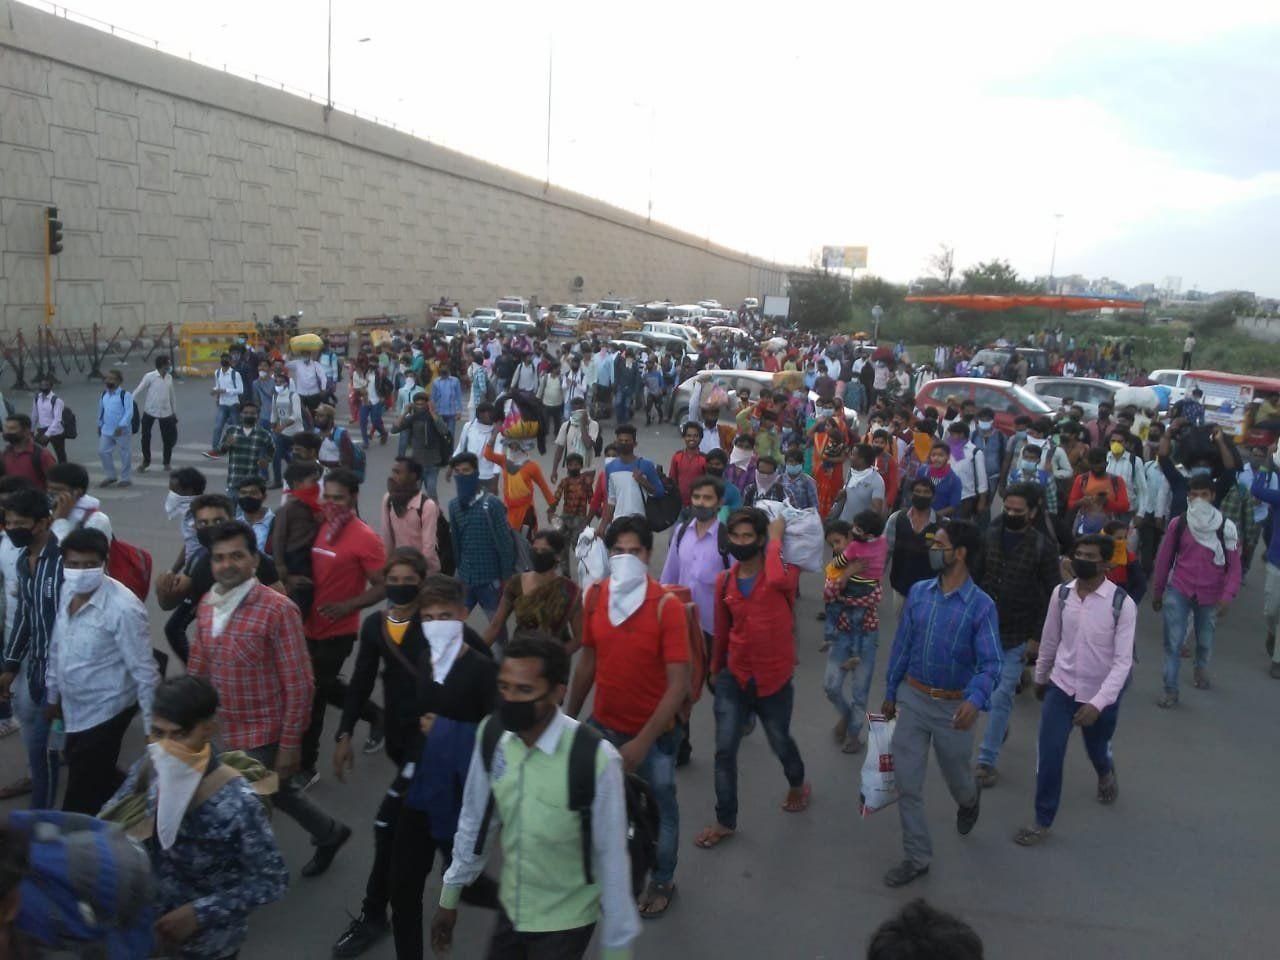 Lockdown: घर पहुंचने से पहले थमा जिंदगी का सफर, कोरोना के भय से पैदल चलते-चलते मजदूर की मौत